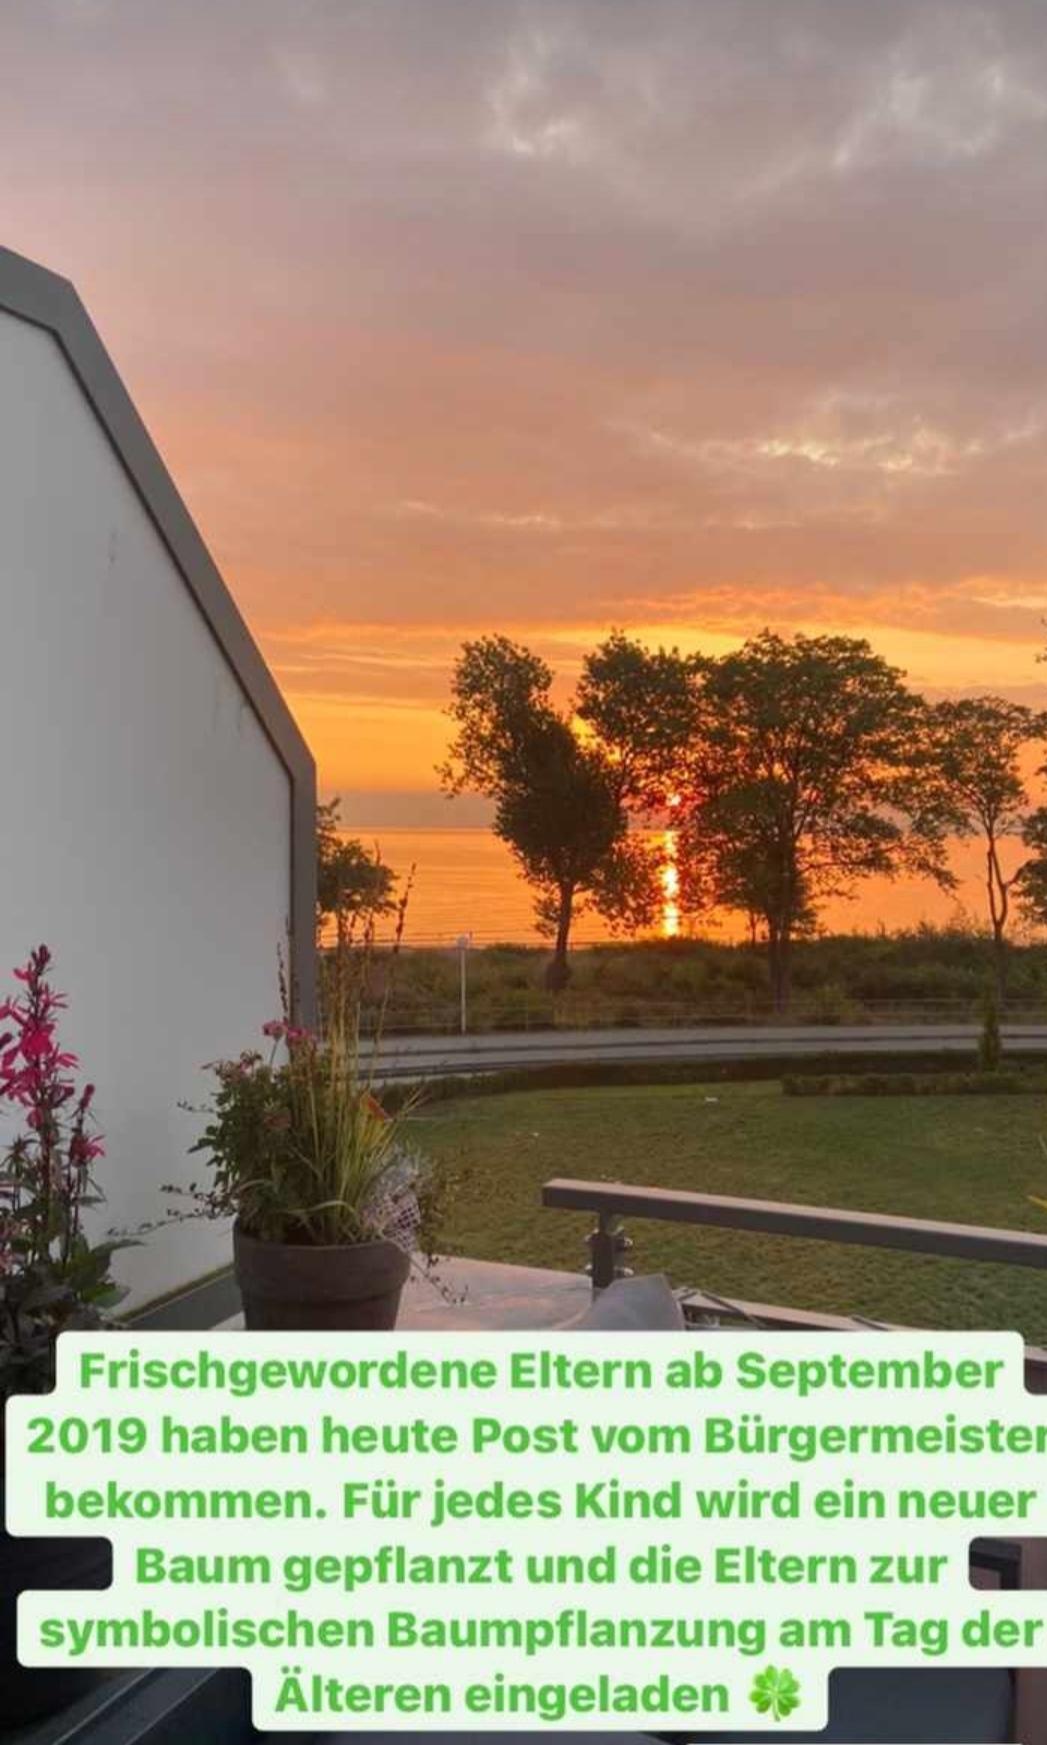 Für jedes, ab September 2019 in Boltenhagen geborene Kind, pflanzen wir einen neuen Baum in Boltenhagen.